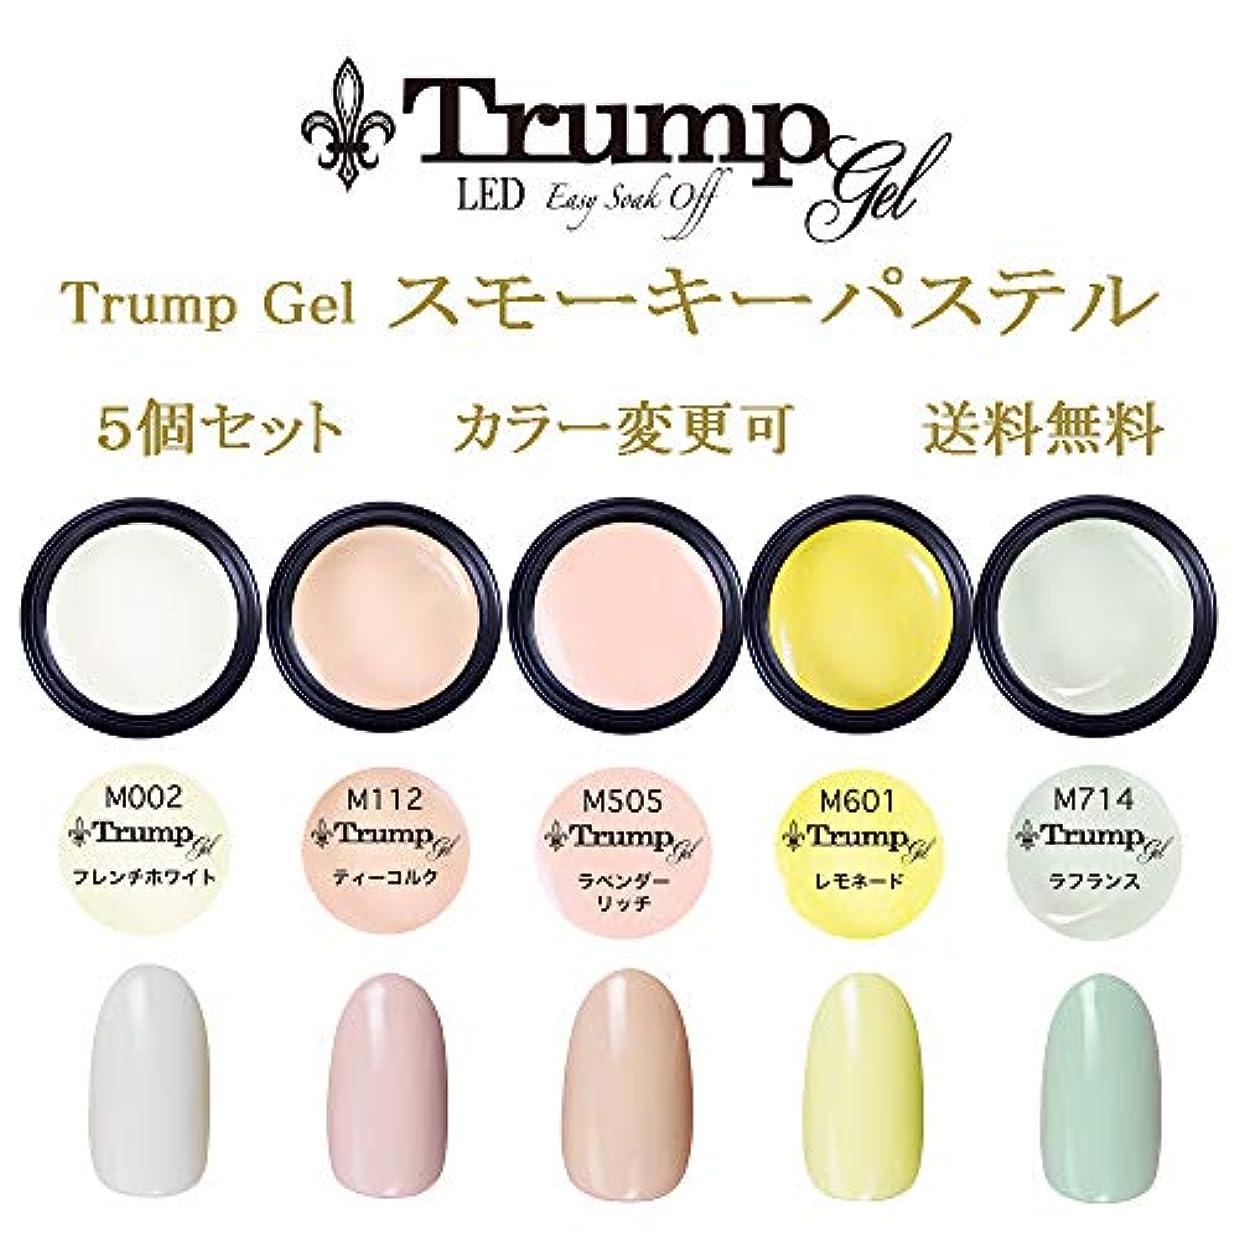 銀河狂ったデイジー日本製 Trump gel トランプジェル スモーキー パステルカラー 選べる カラージェル5個セット ホワイト ベージュ ピンク イエロー グリーン